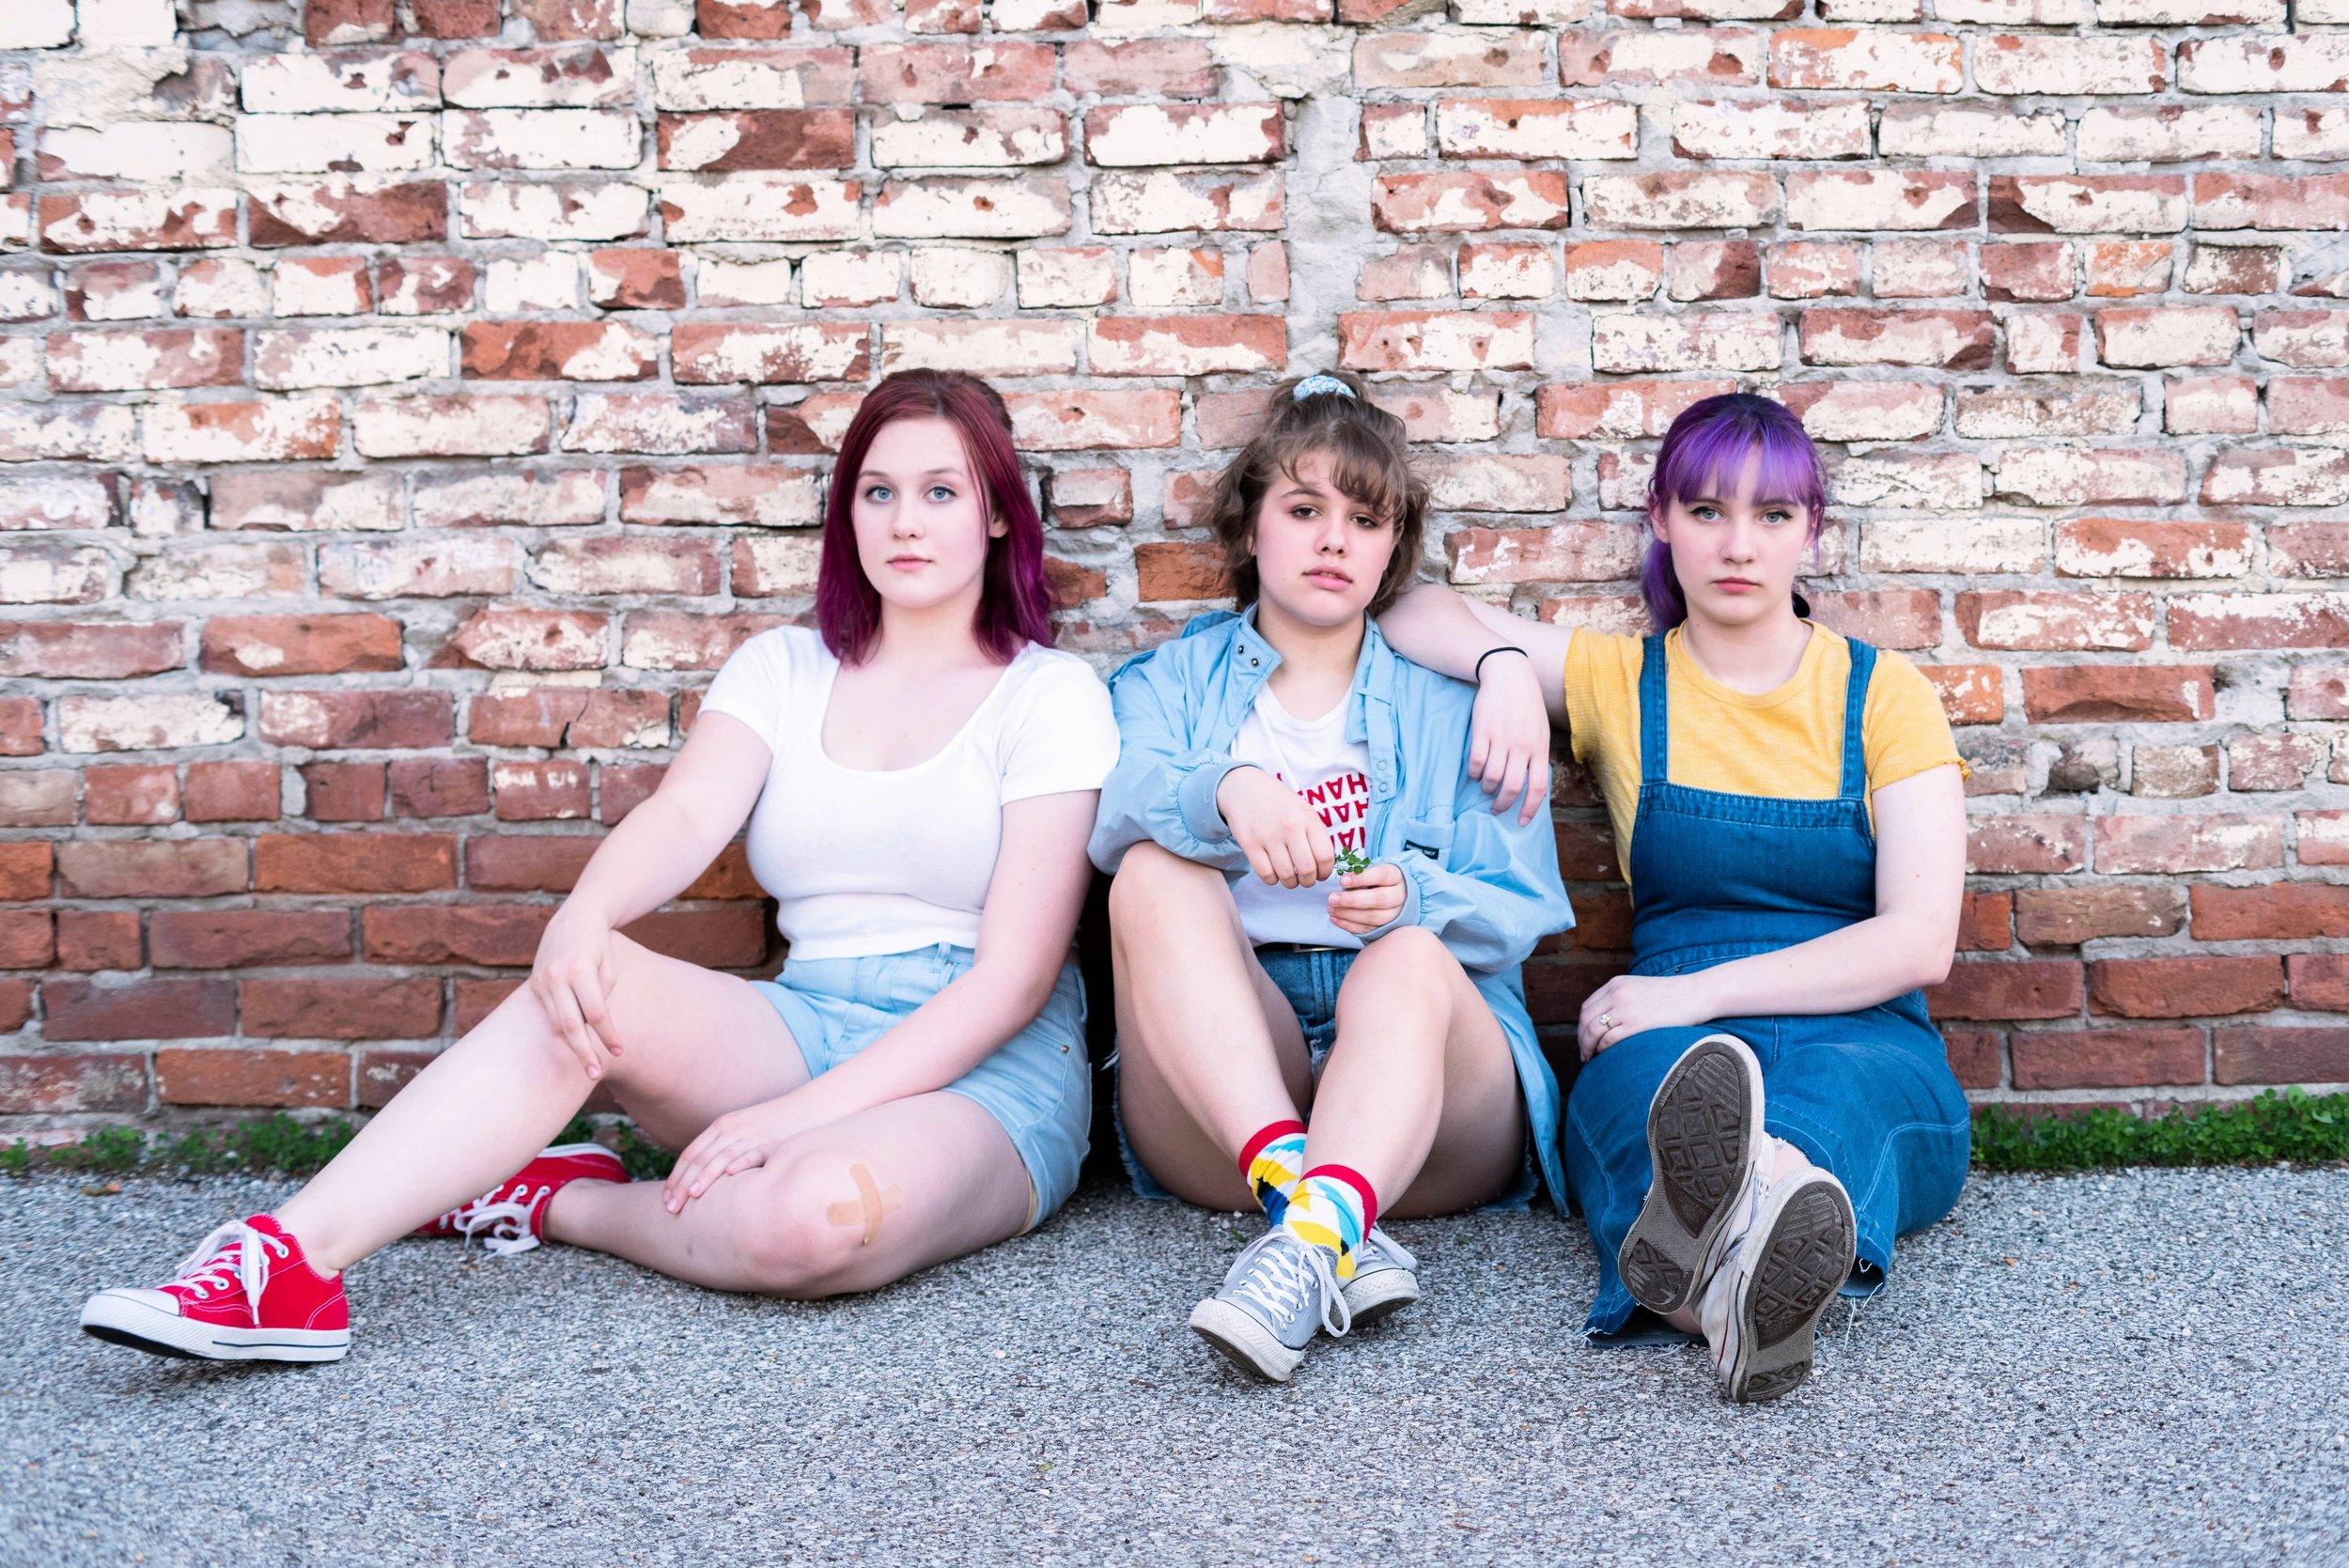 girls-29_pp.jpg